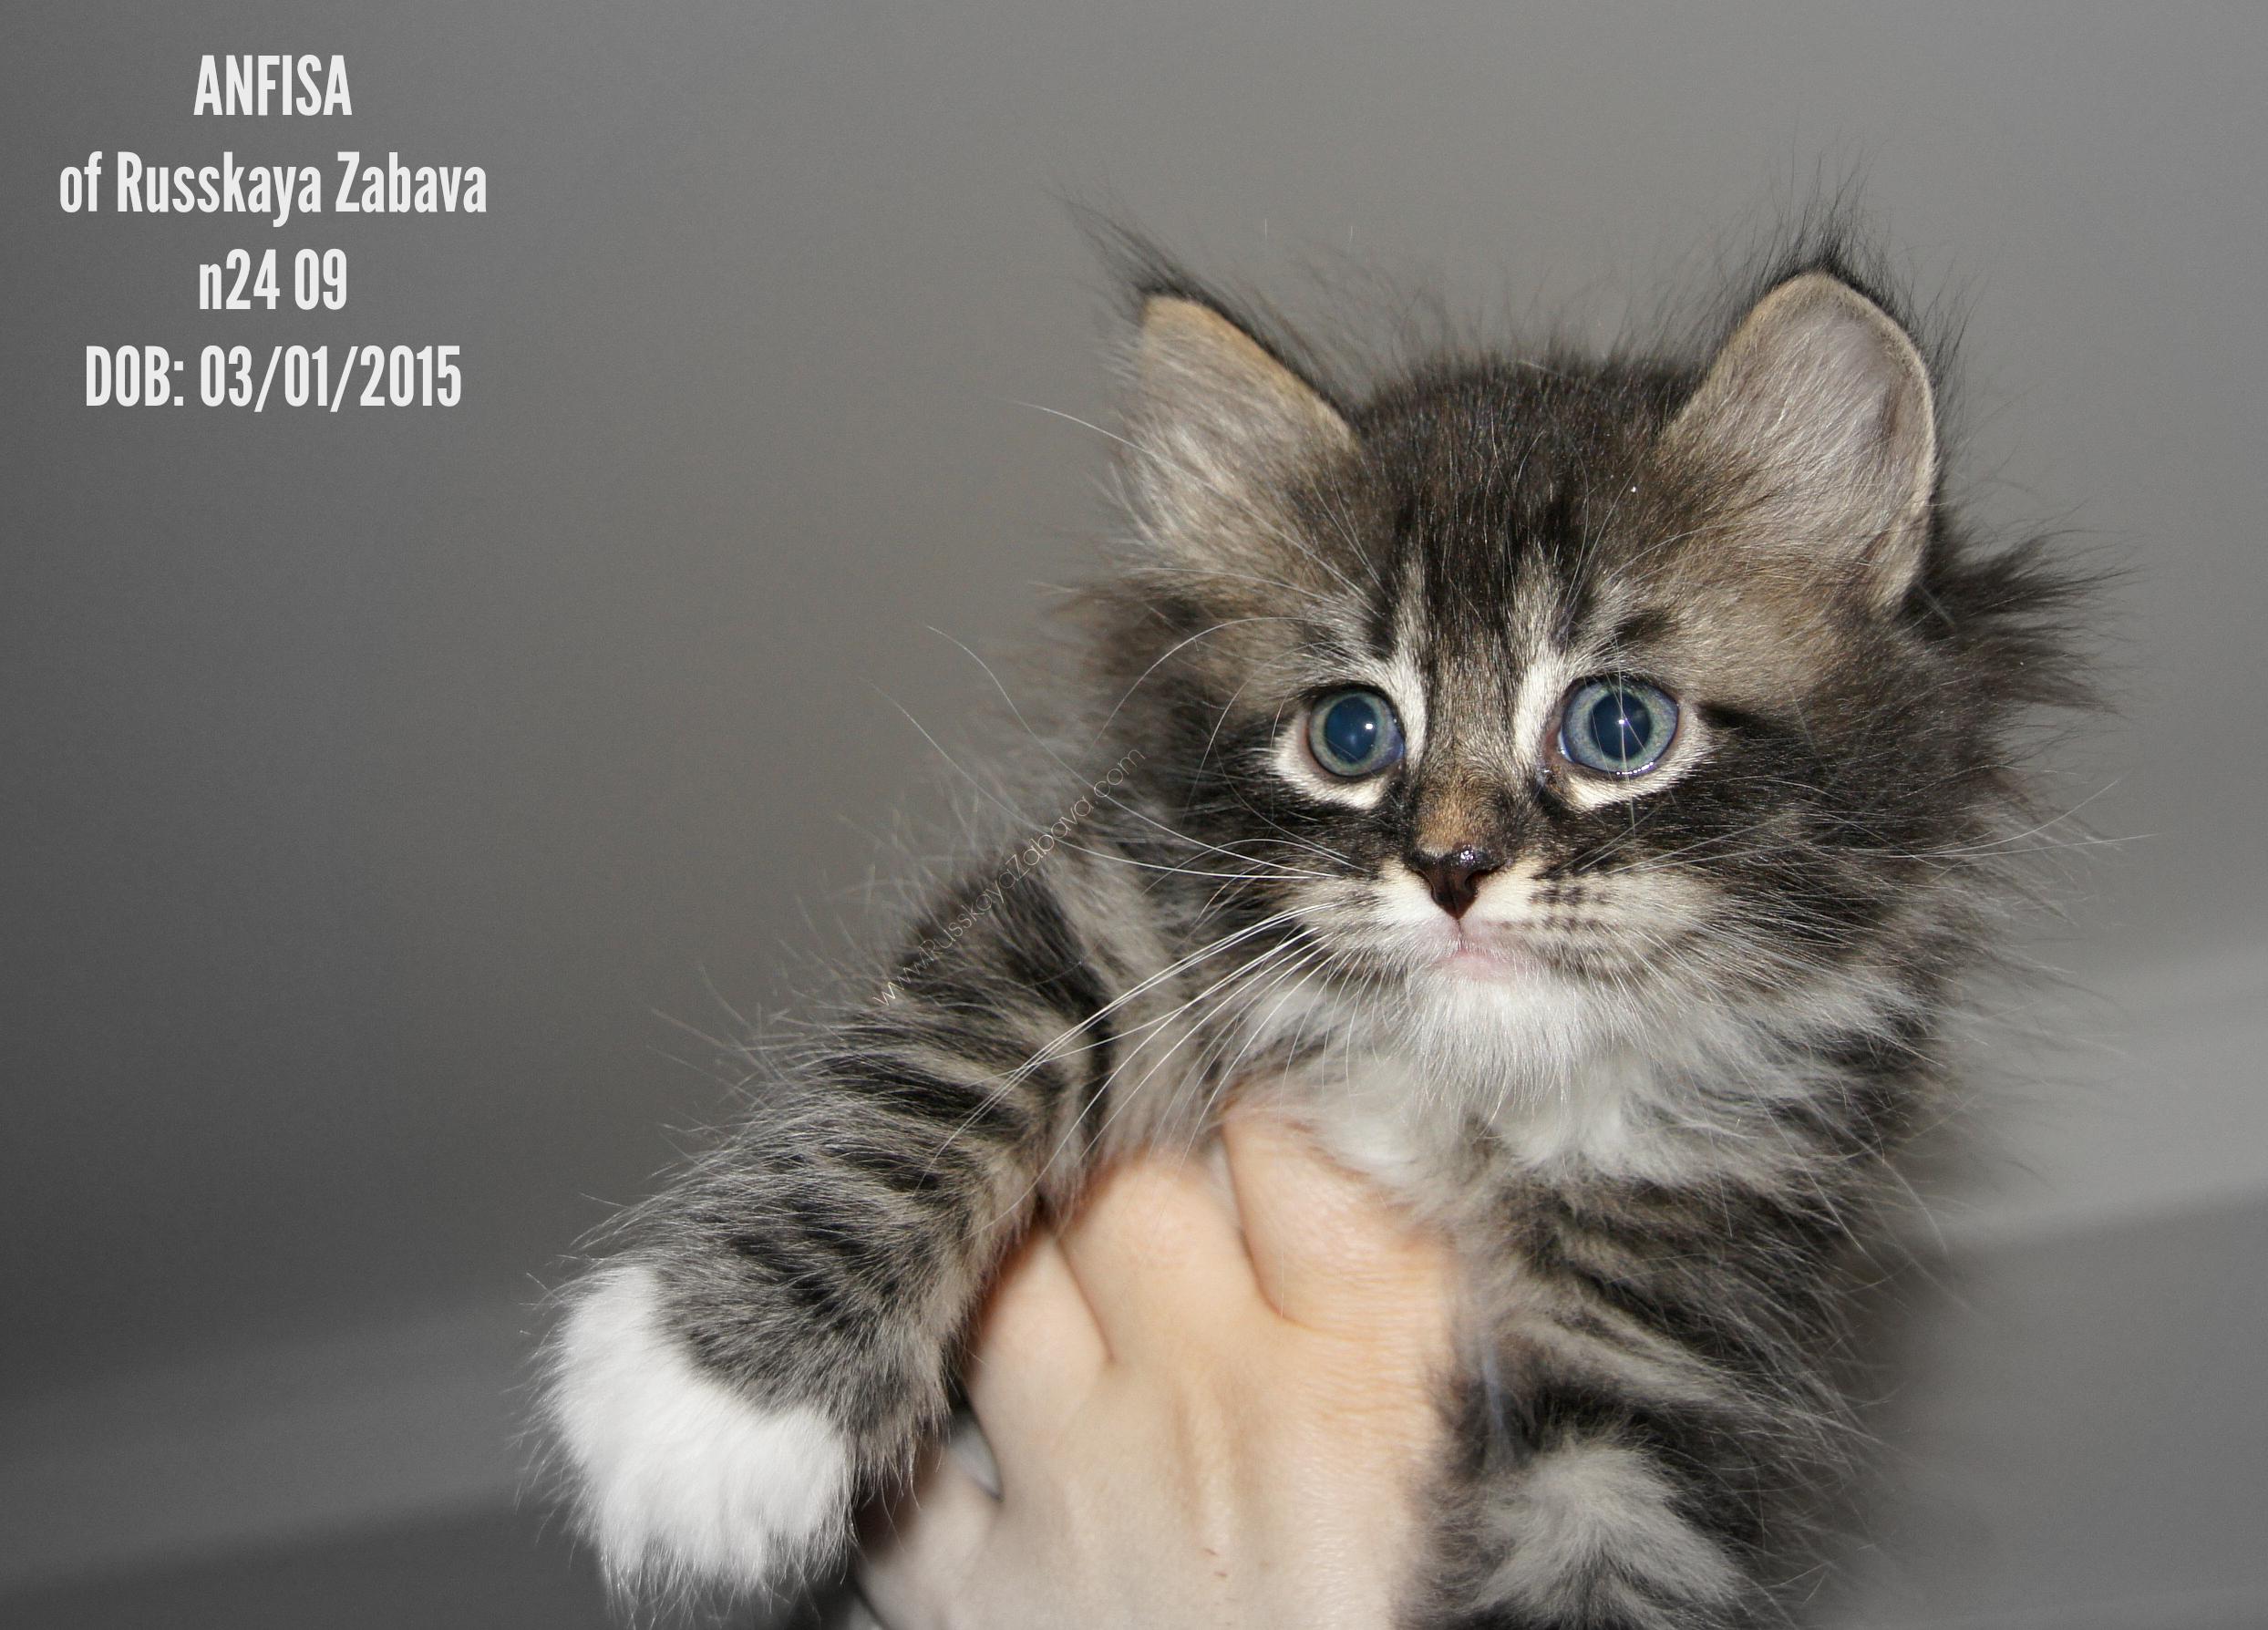 АНФИСА РУССКАЯ ЗАБАВА  кошка, n24 09